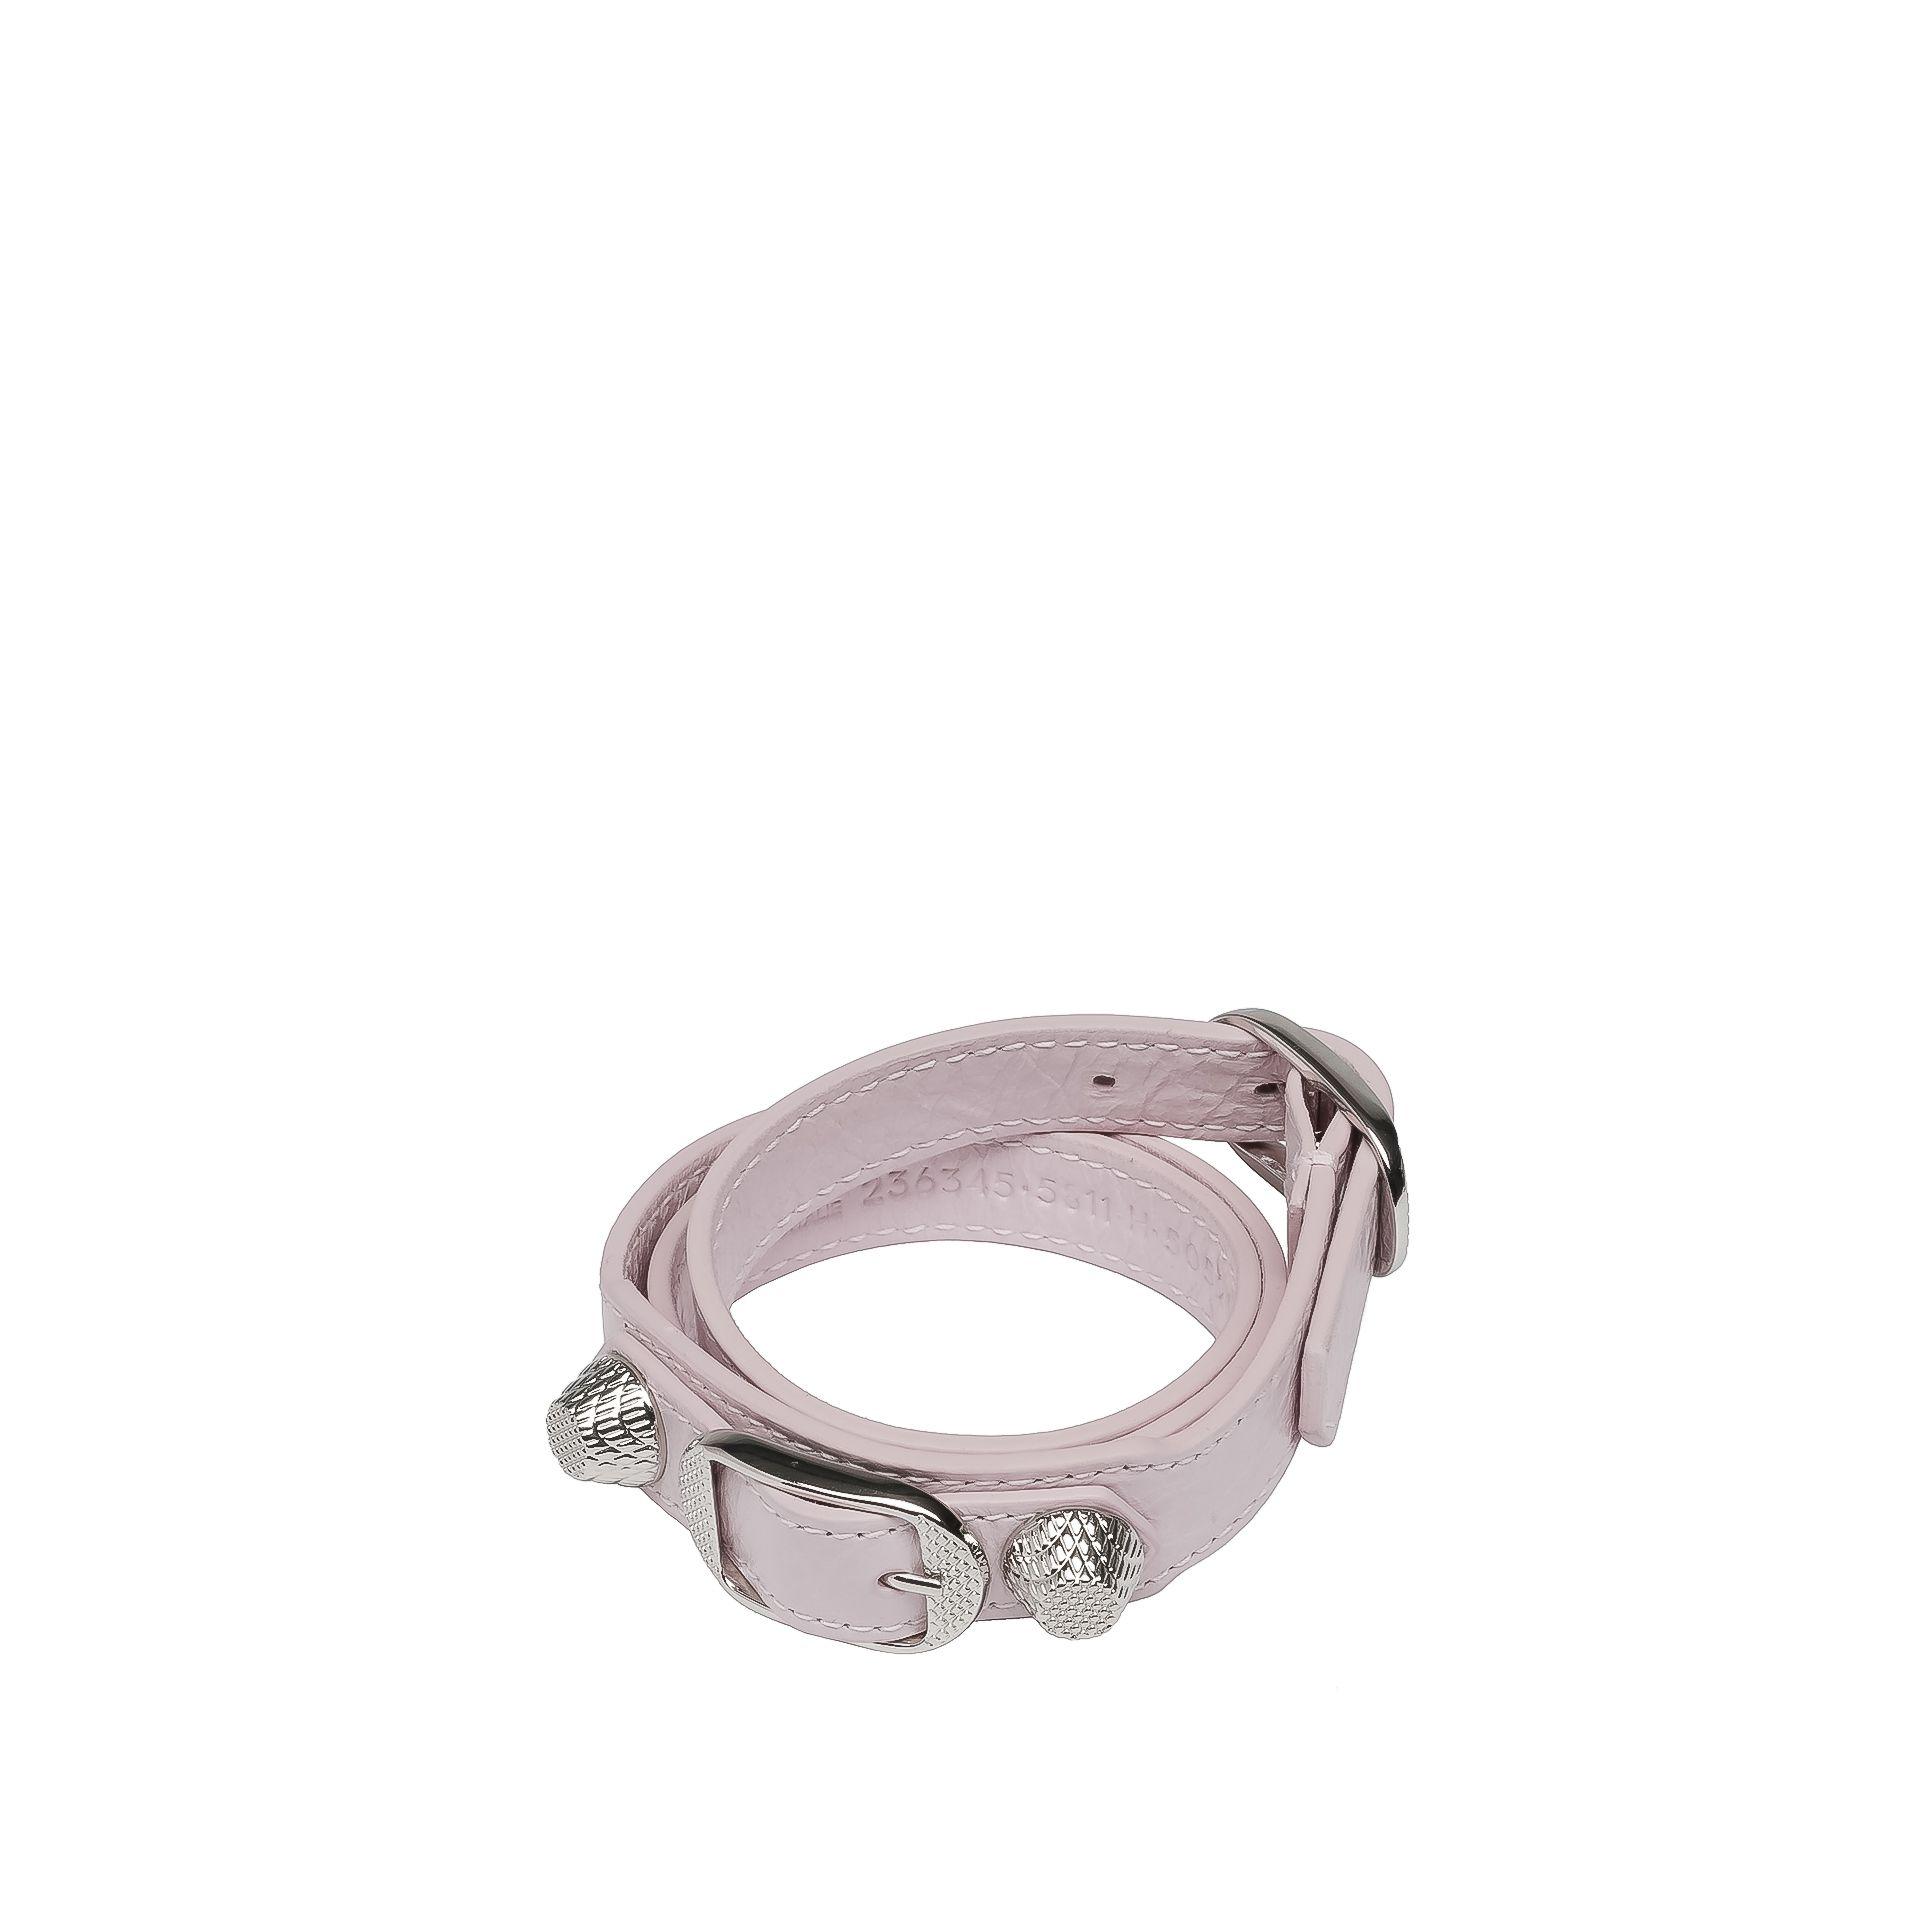 BALENCIAGA Balenciaga Giant Armband Triple Tour Silber Armband D f